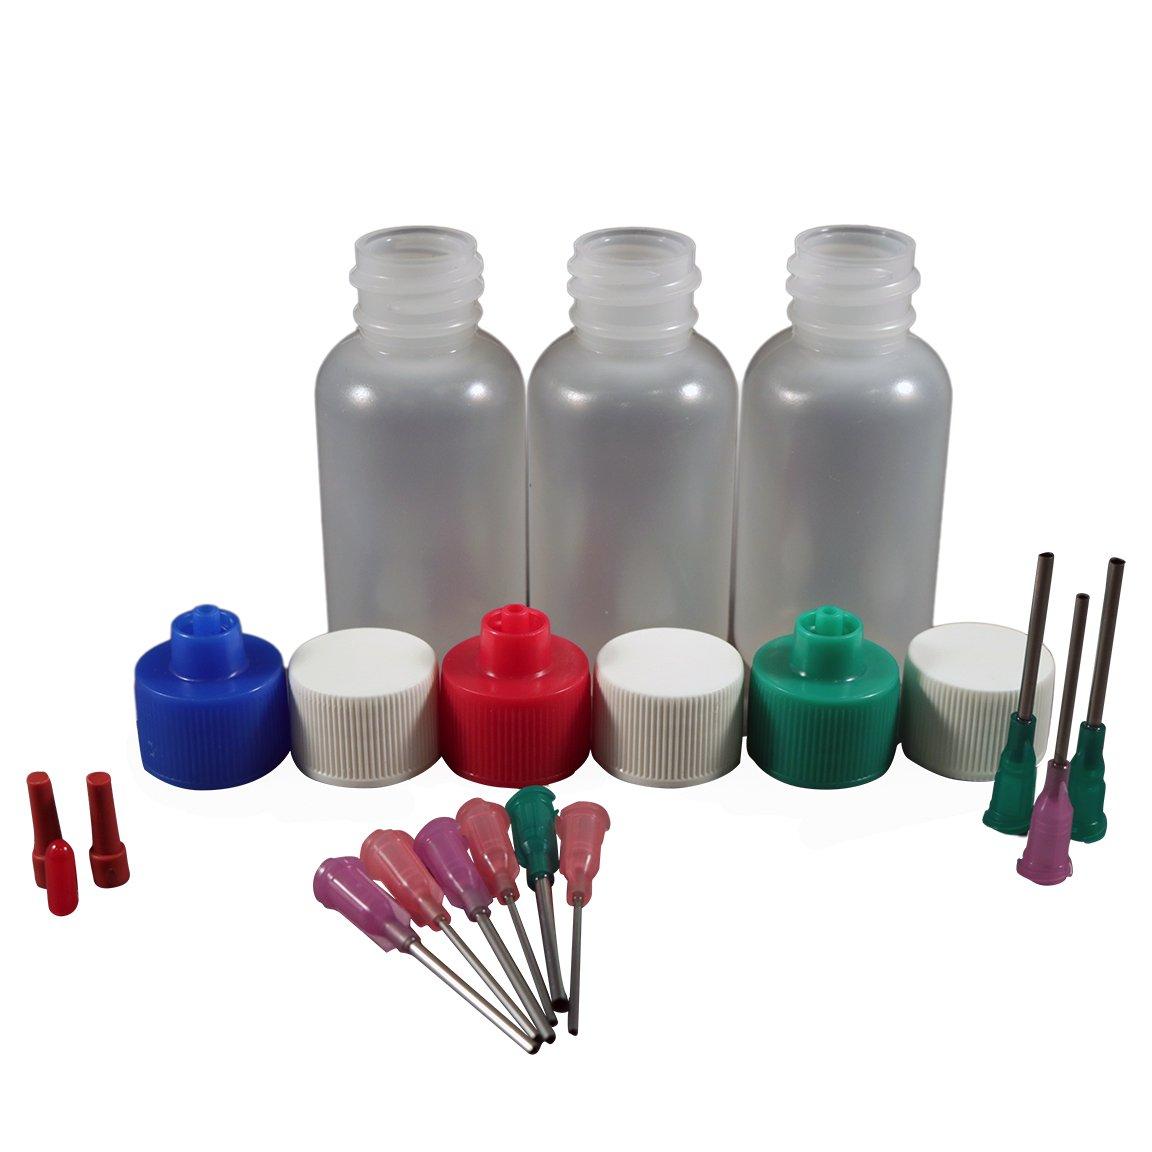 Jensen Global Henna Kit with 1 oz Bottle & Blunt Dispensing Tips. (Non sterile/Non Medical)